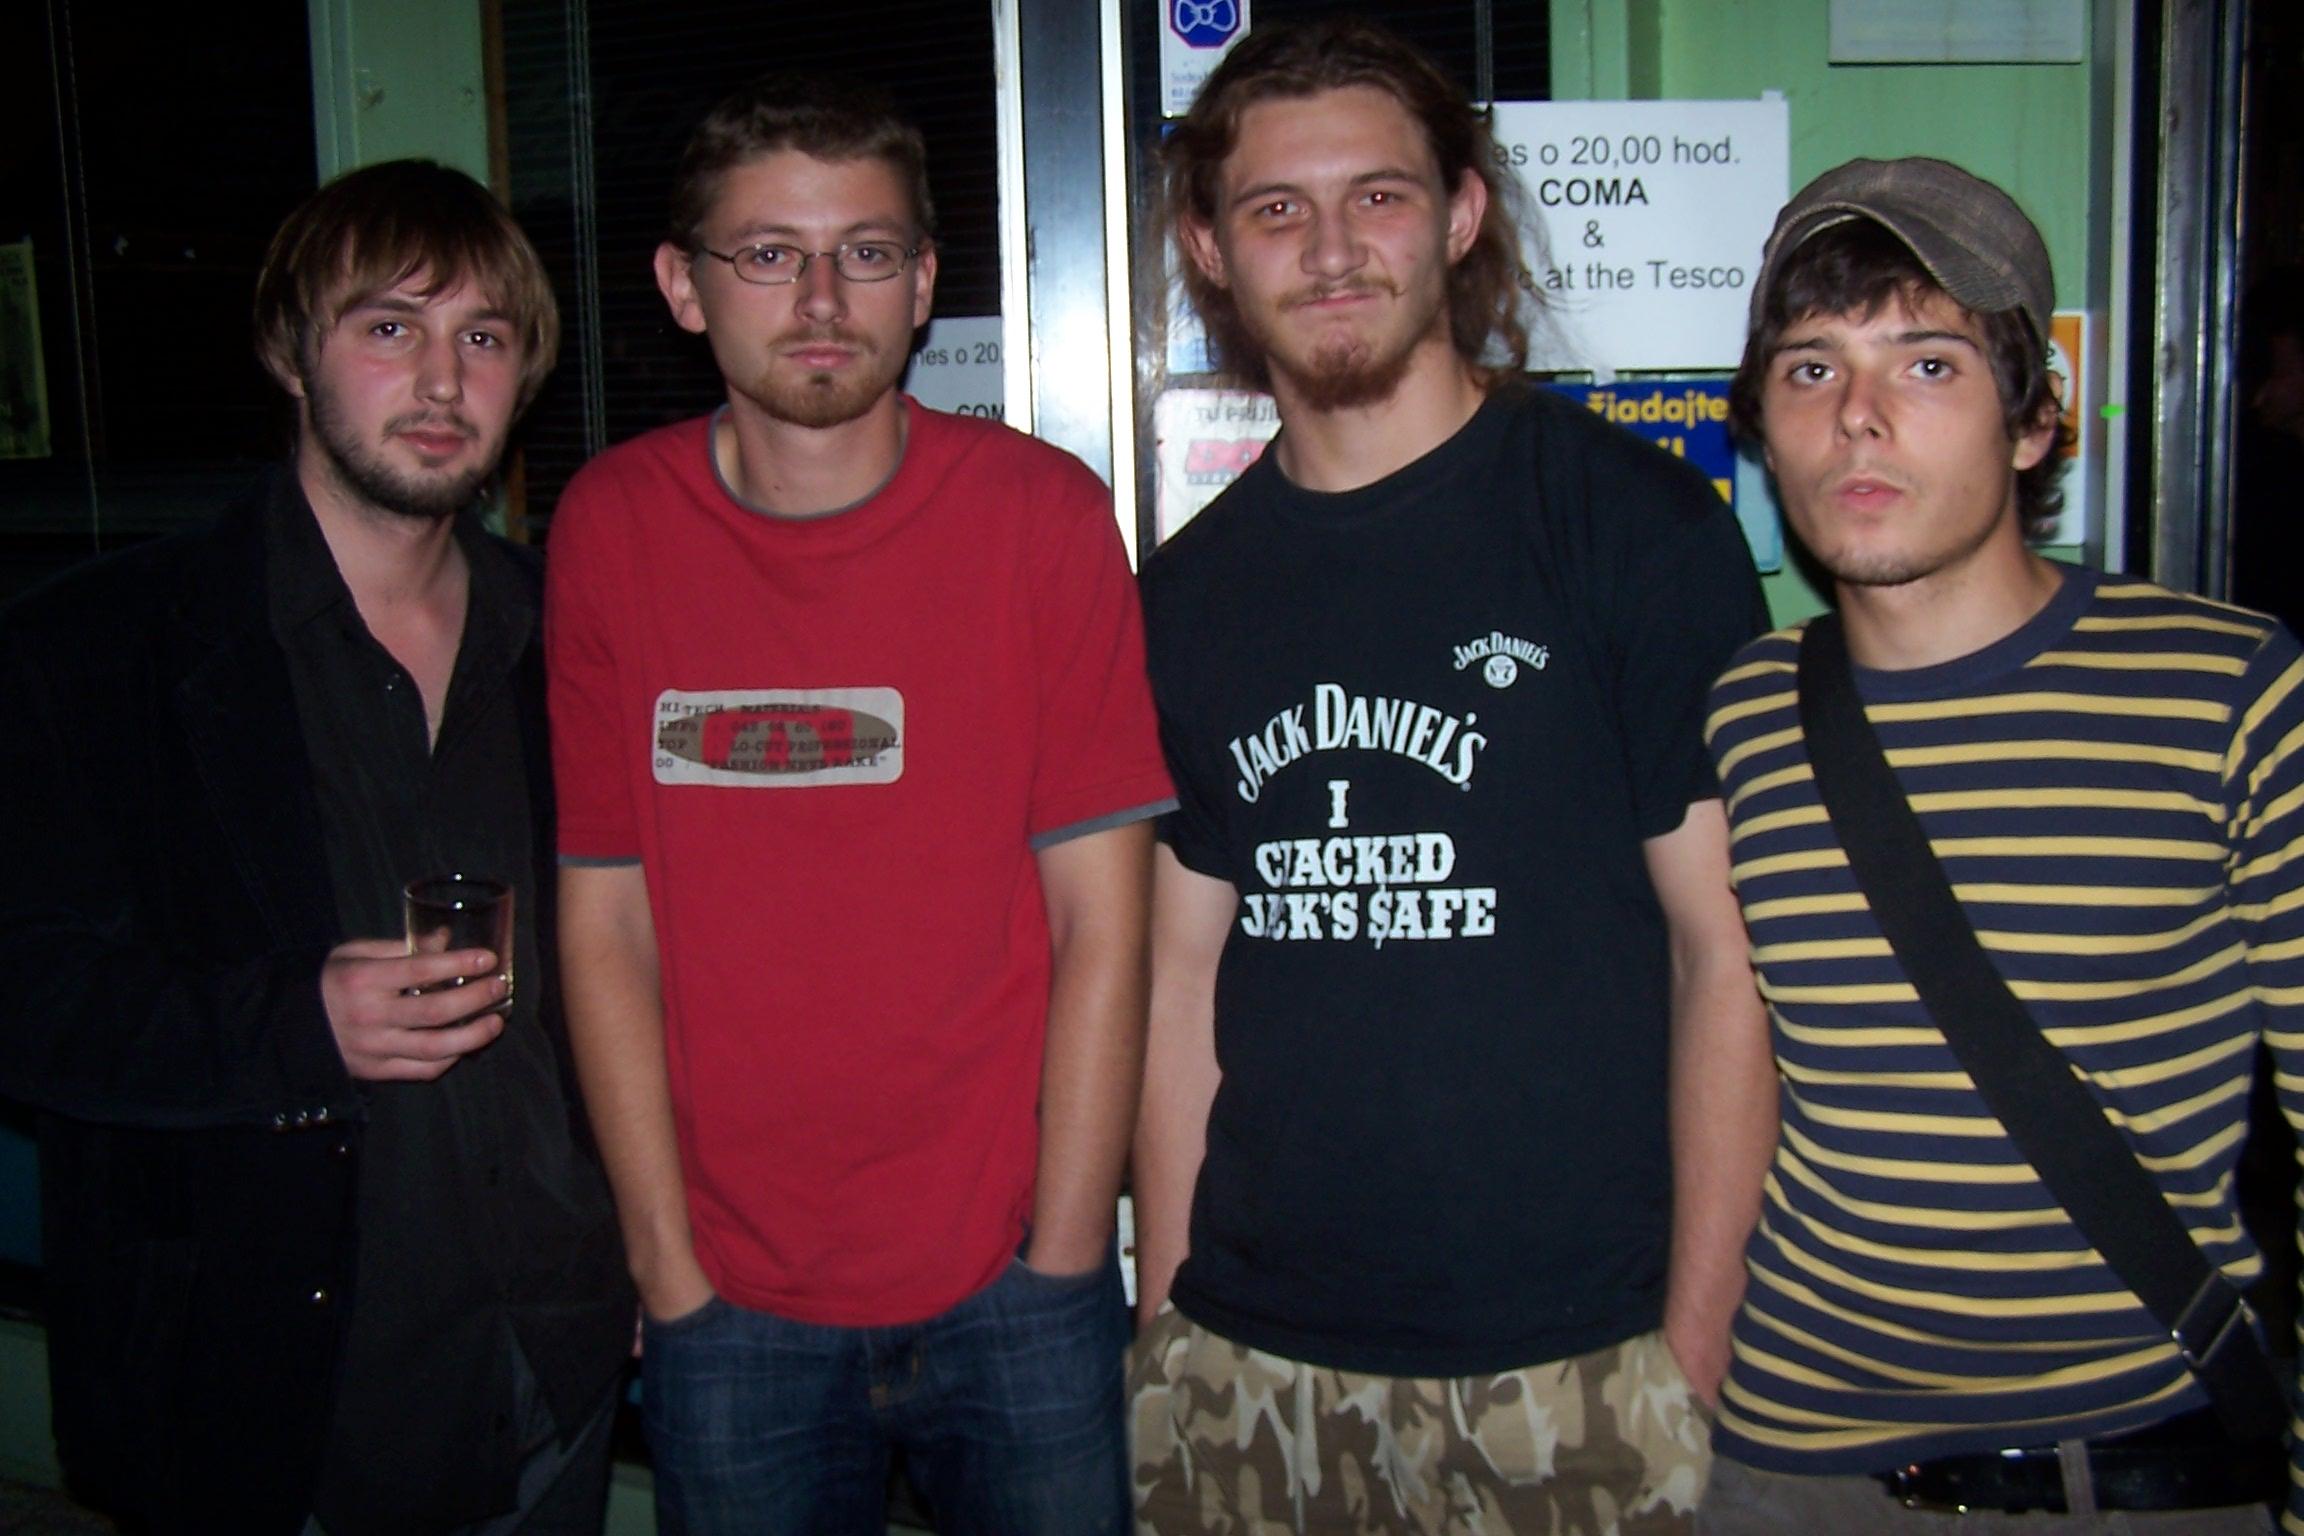 Prievidzská hudobná scéna v rokoch 1990-2010 - Coma / Polite Weirdo / HuZika